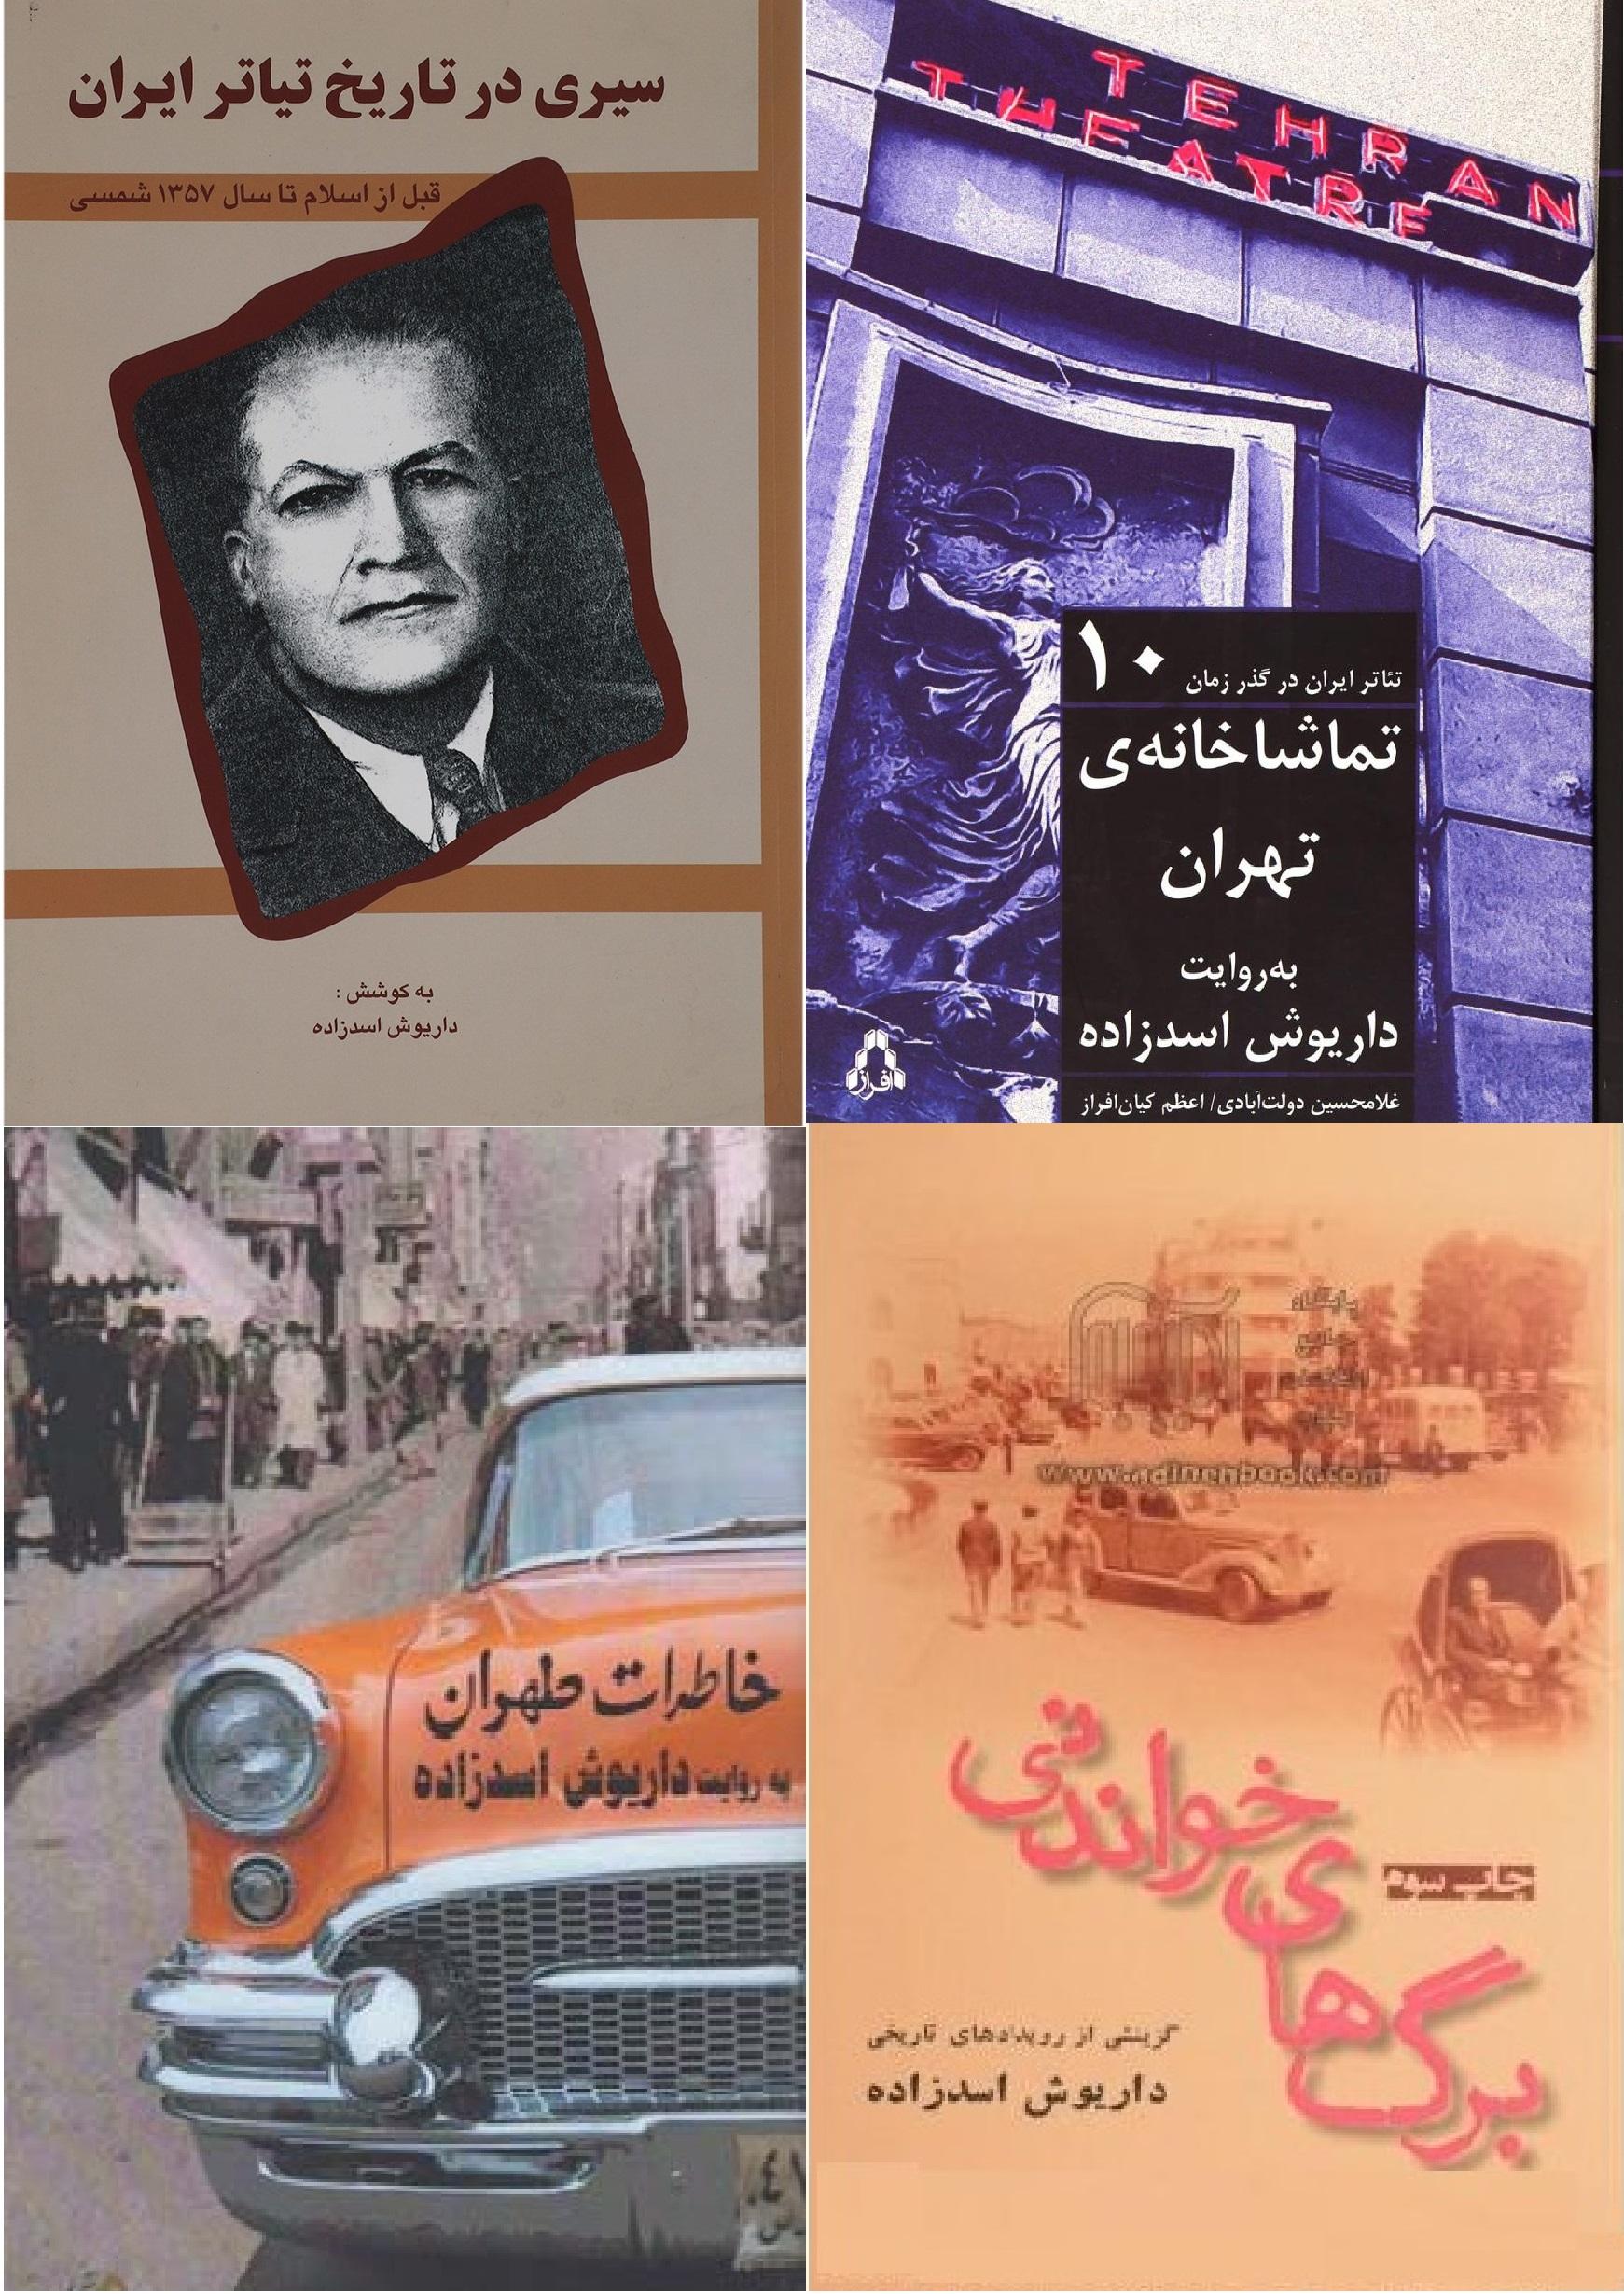 میراث اسدزاده برای دنیای کتاب